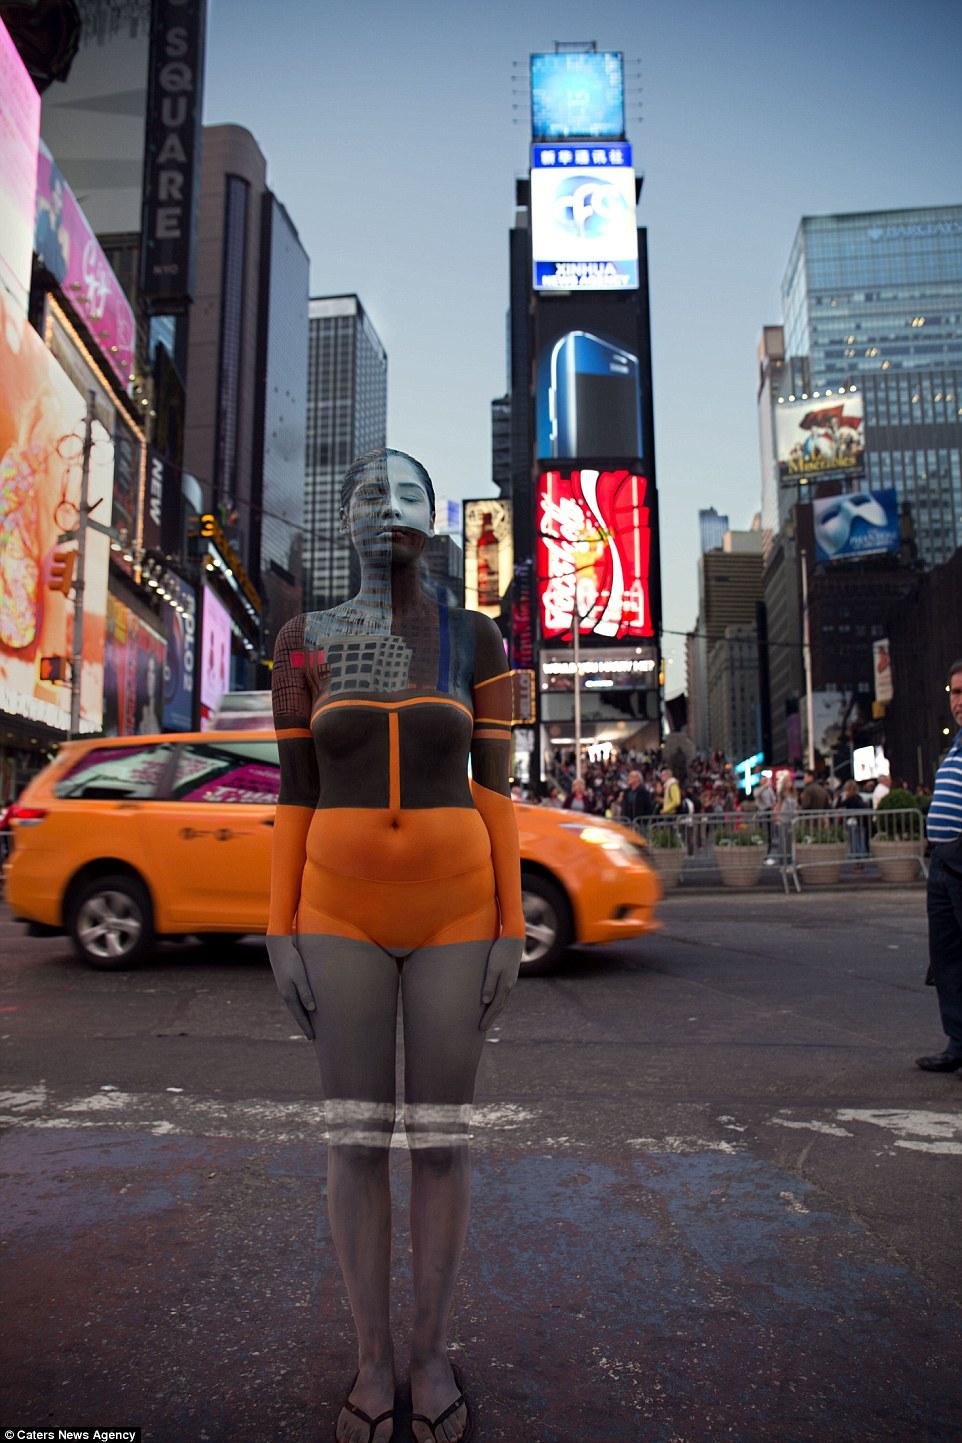 Полуобнаженные модели на фоне достопримечательностей искусства, служат, Белый, Фоном, НьюЙорке, Стамбуле, шумном, Башни, Свободы, Дорога, гигантов, Ирландии, Ворота, Золотые, Центральный, вокзал, живописном, Нормандии, Merry, специализируется